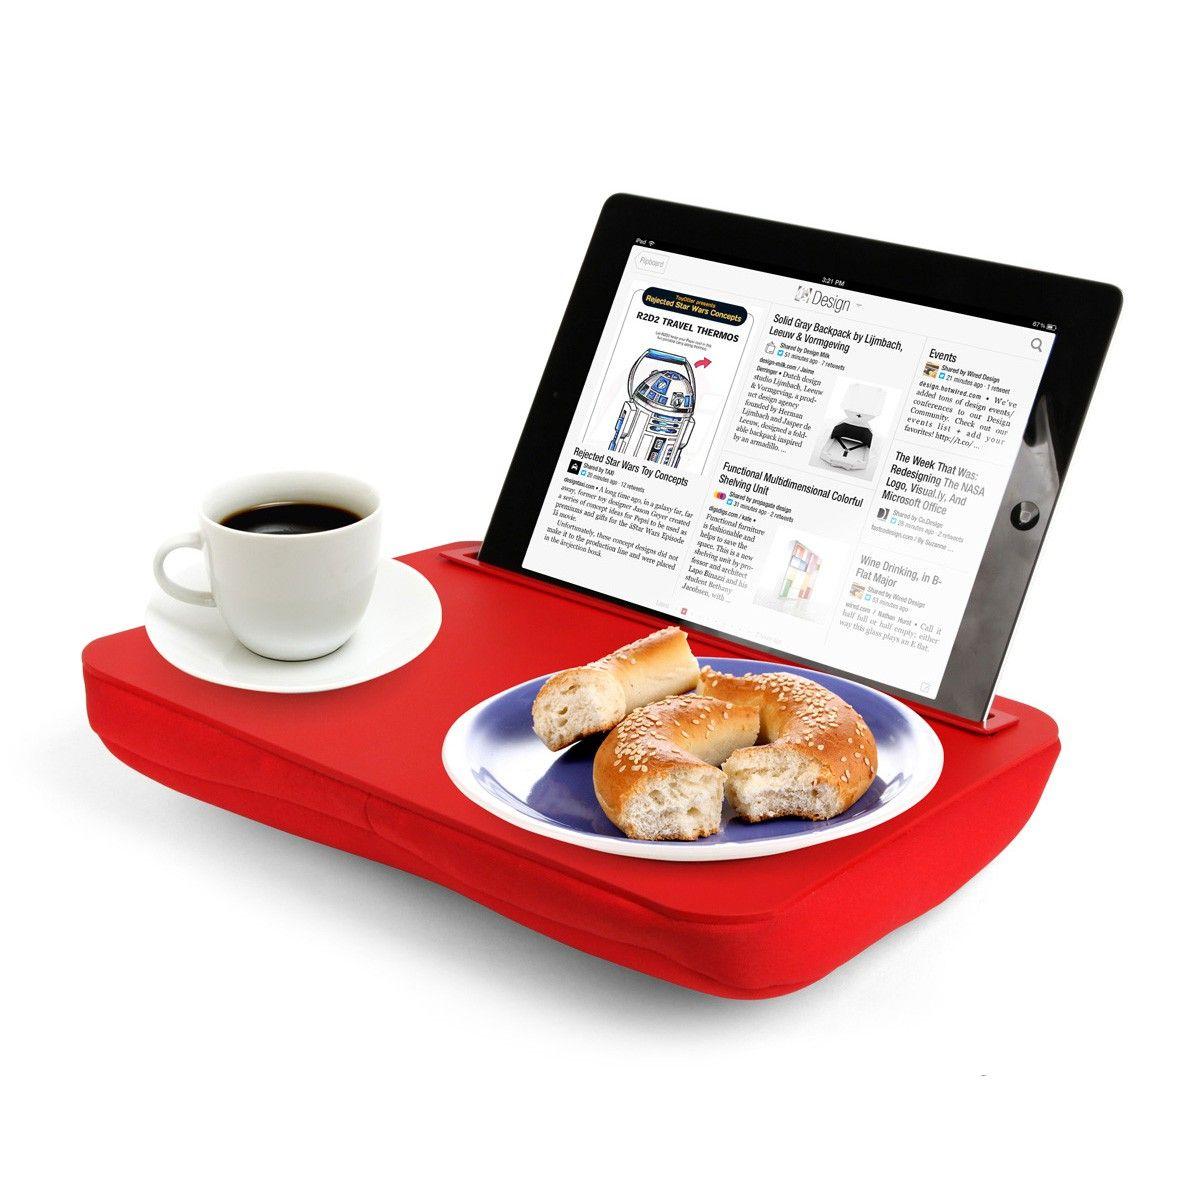 iBed Lap Desk   Idee   Pinterest   Geschenkideen, Geburtstagsideen ...